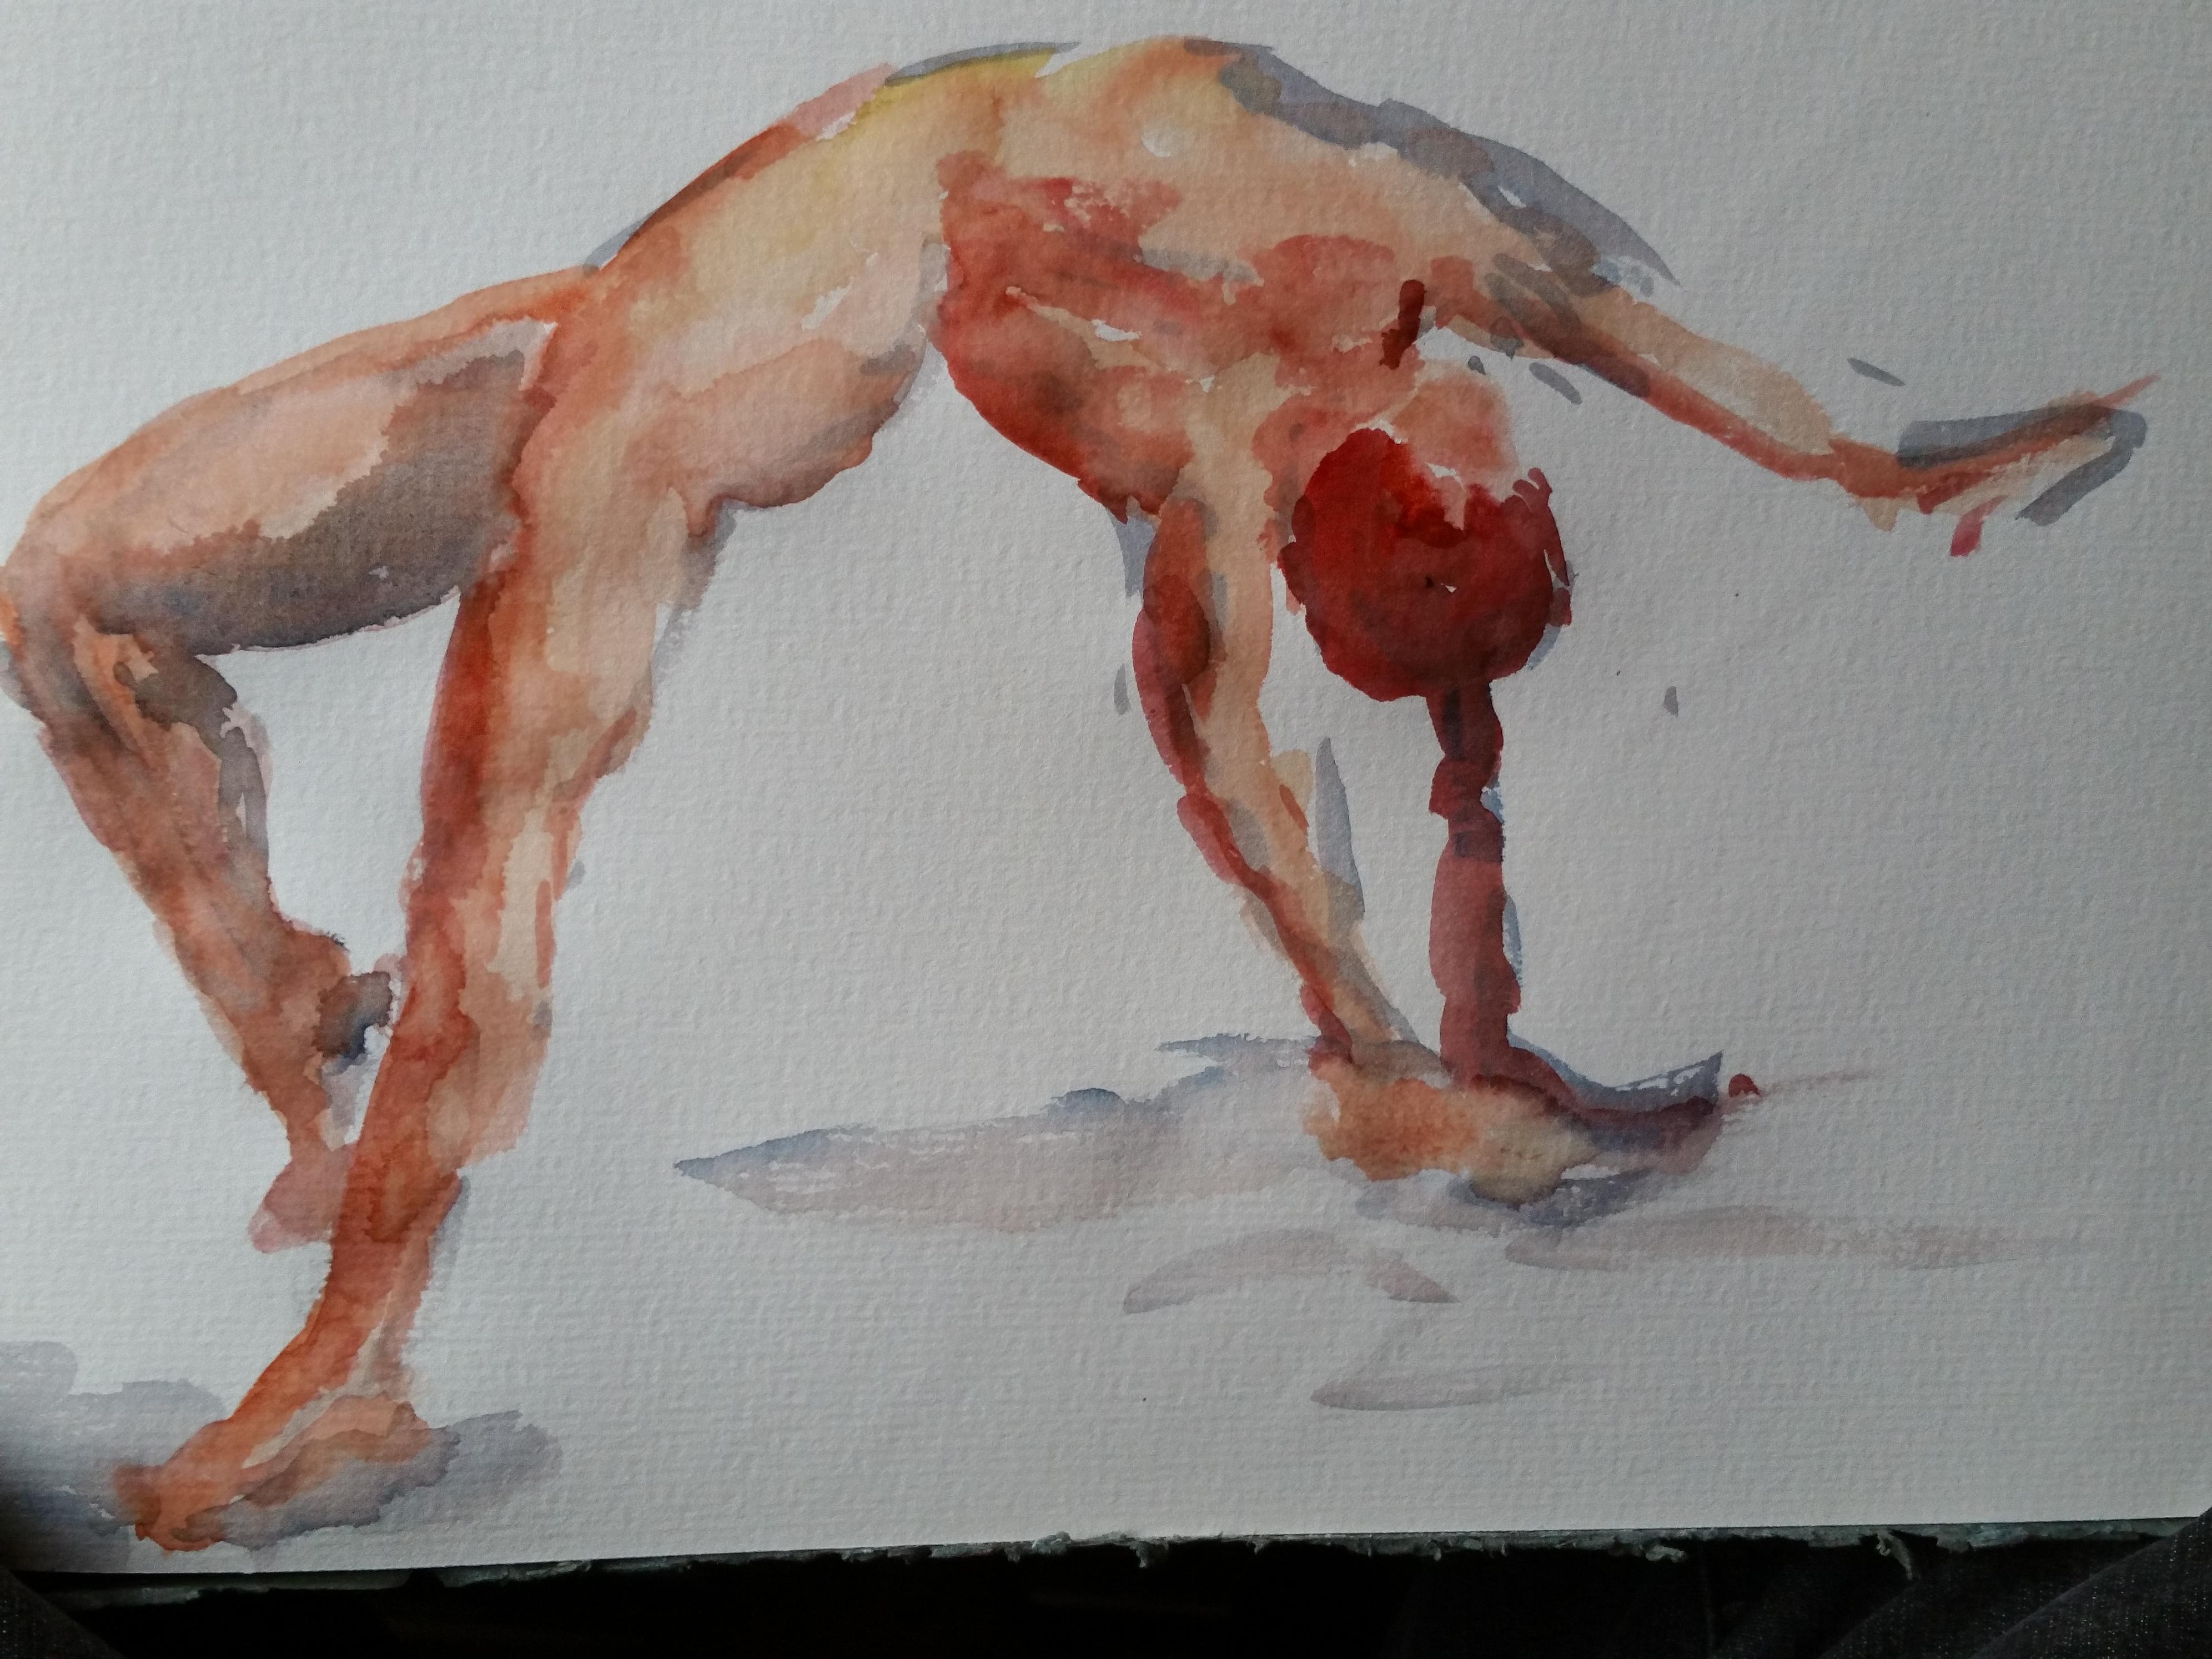 Aquarelle modèle vivant poses acrobatiques ébauche  cours de dessin